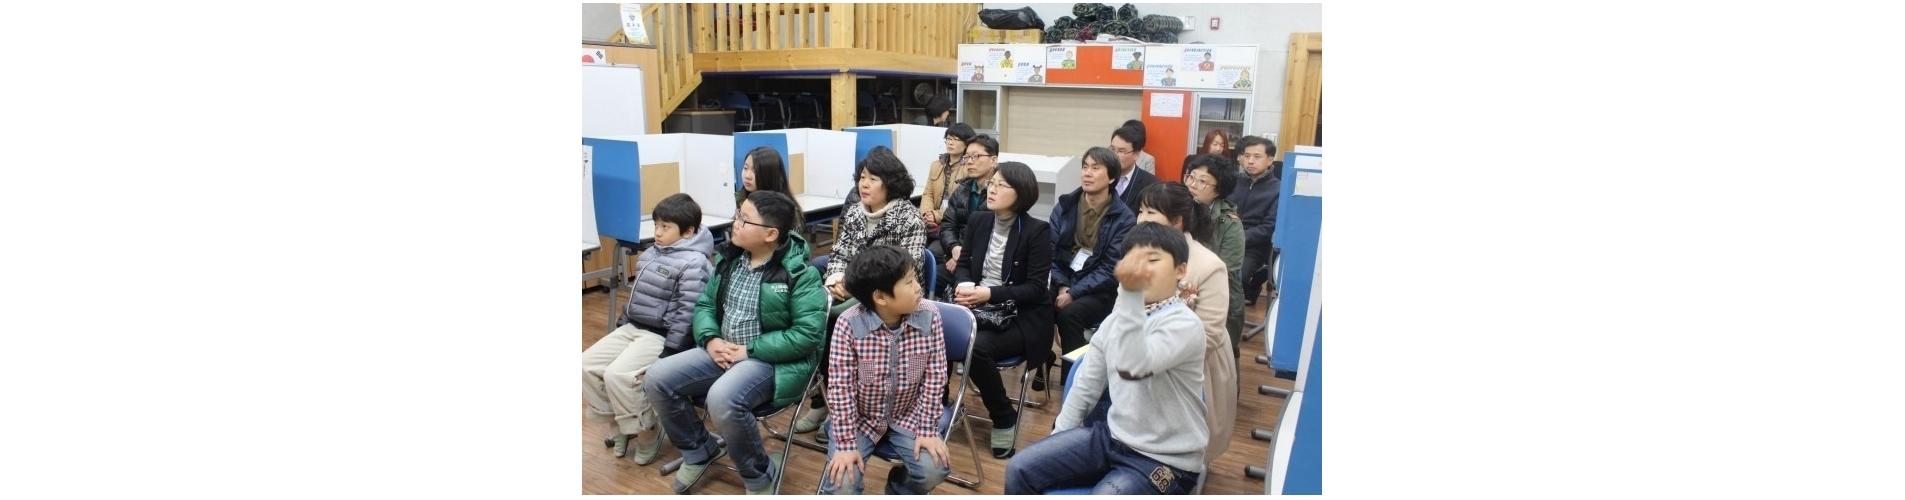 제4기 신입생 및 학부모 오리엔테이션